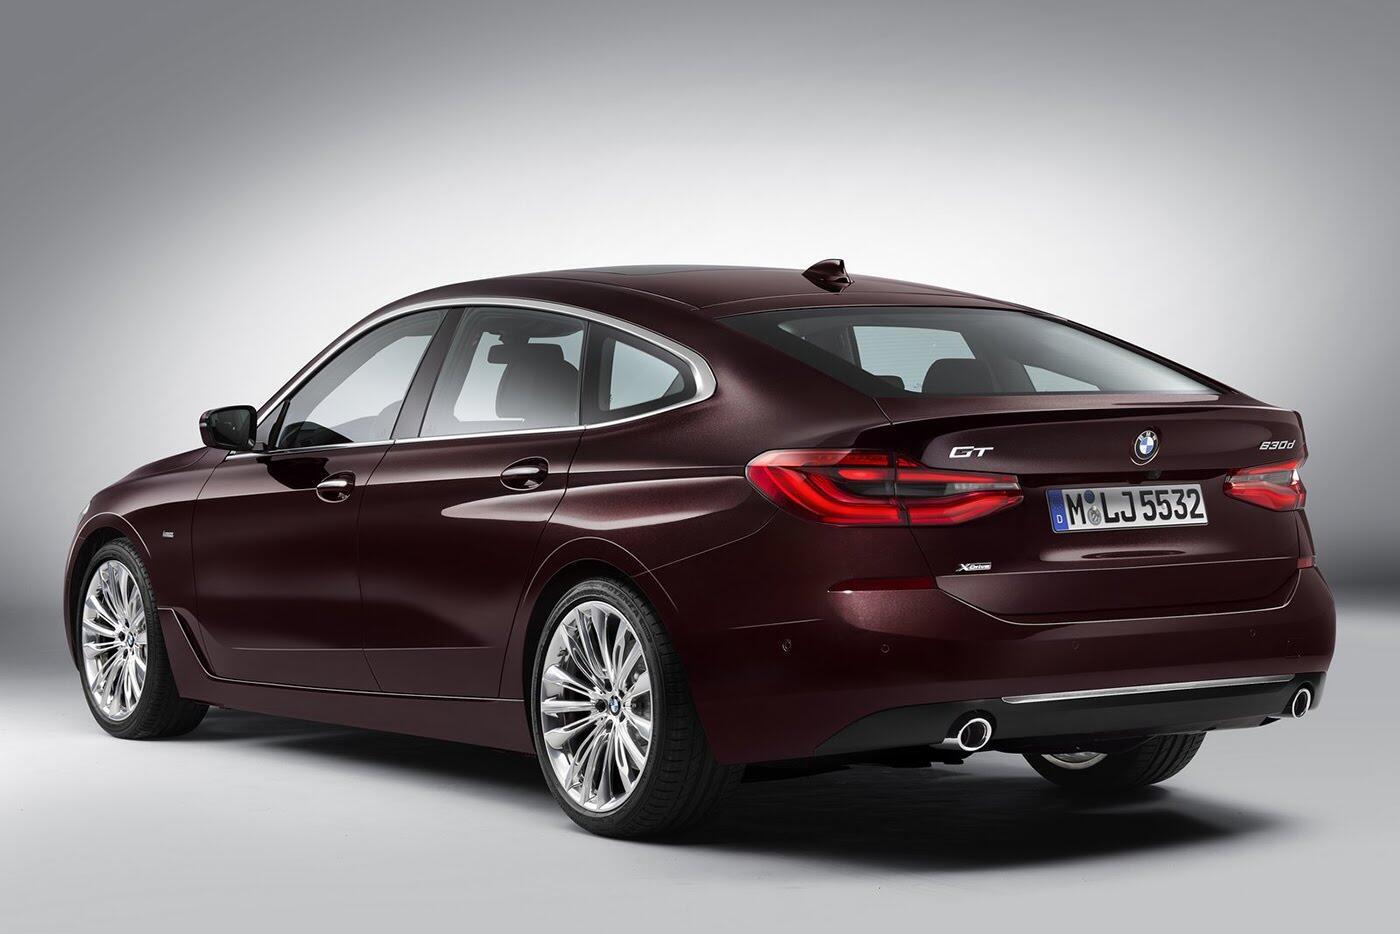 Xem thêm ảnh BMW 6-Series Gran Turismo 2018 - Hình 21